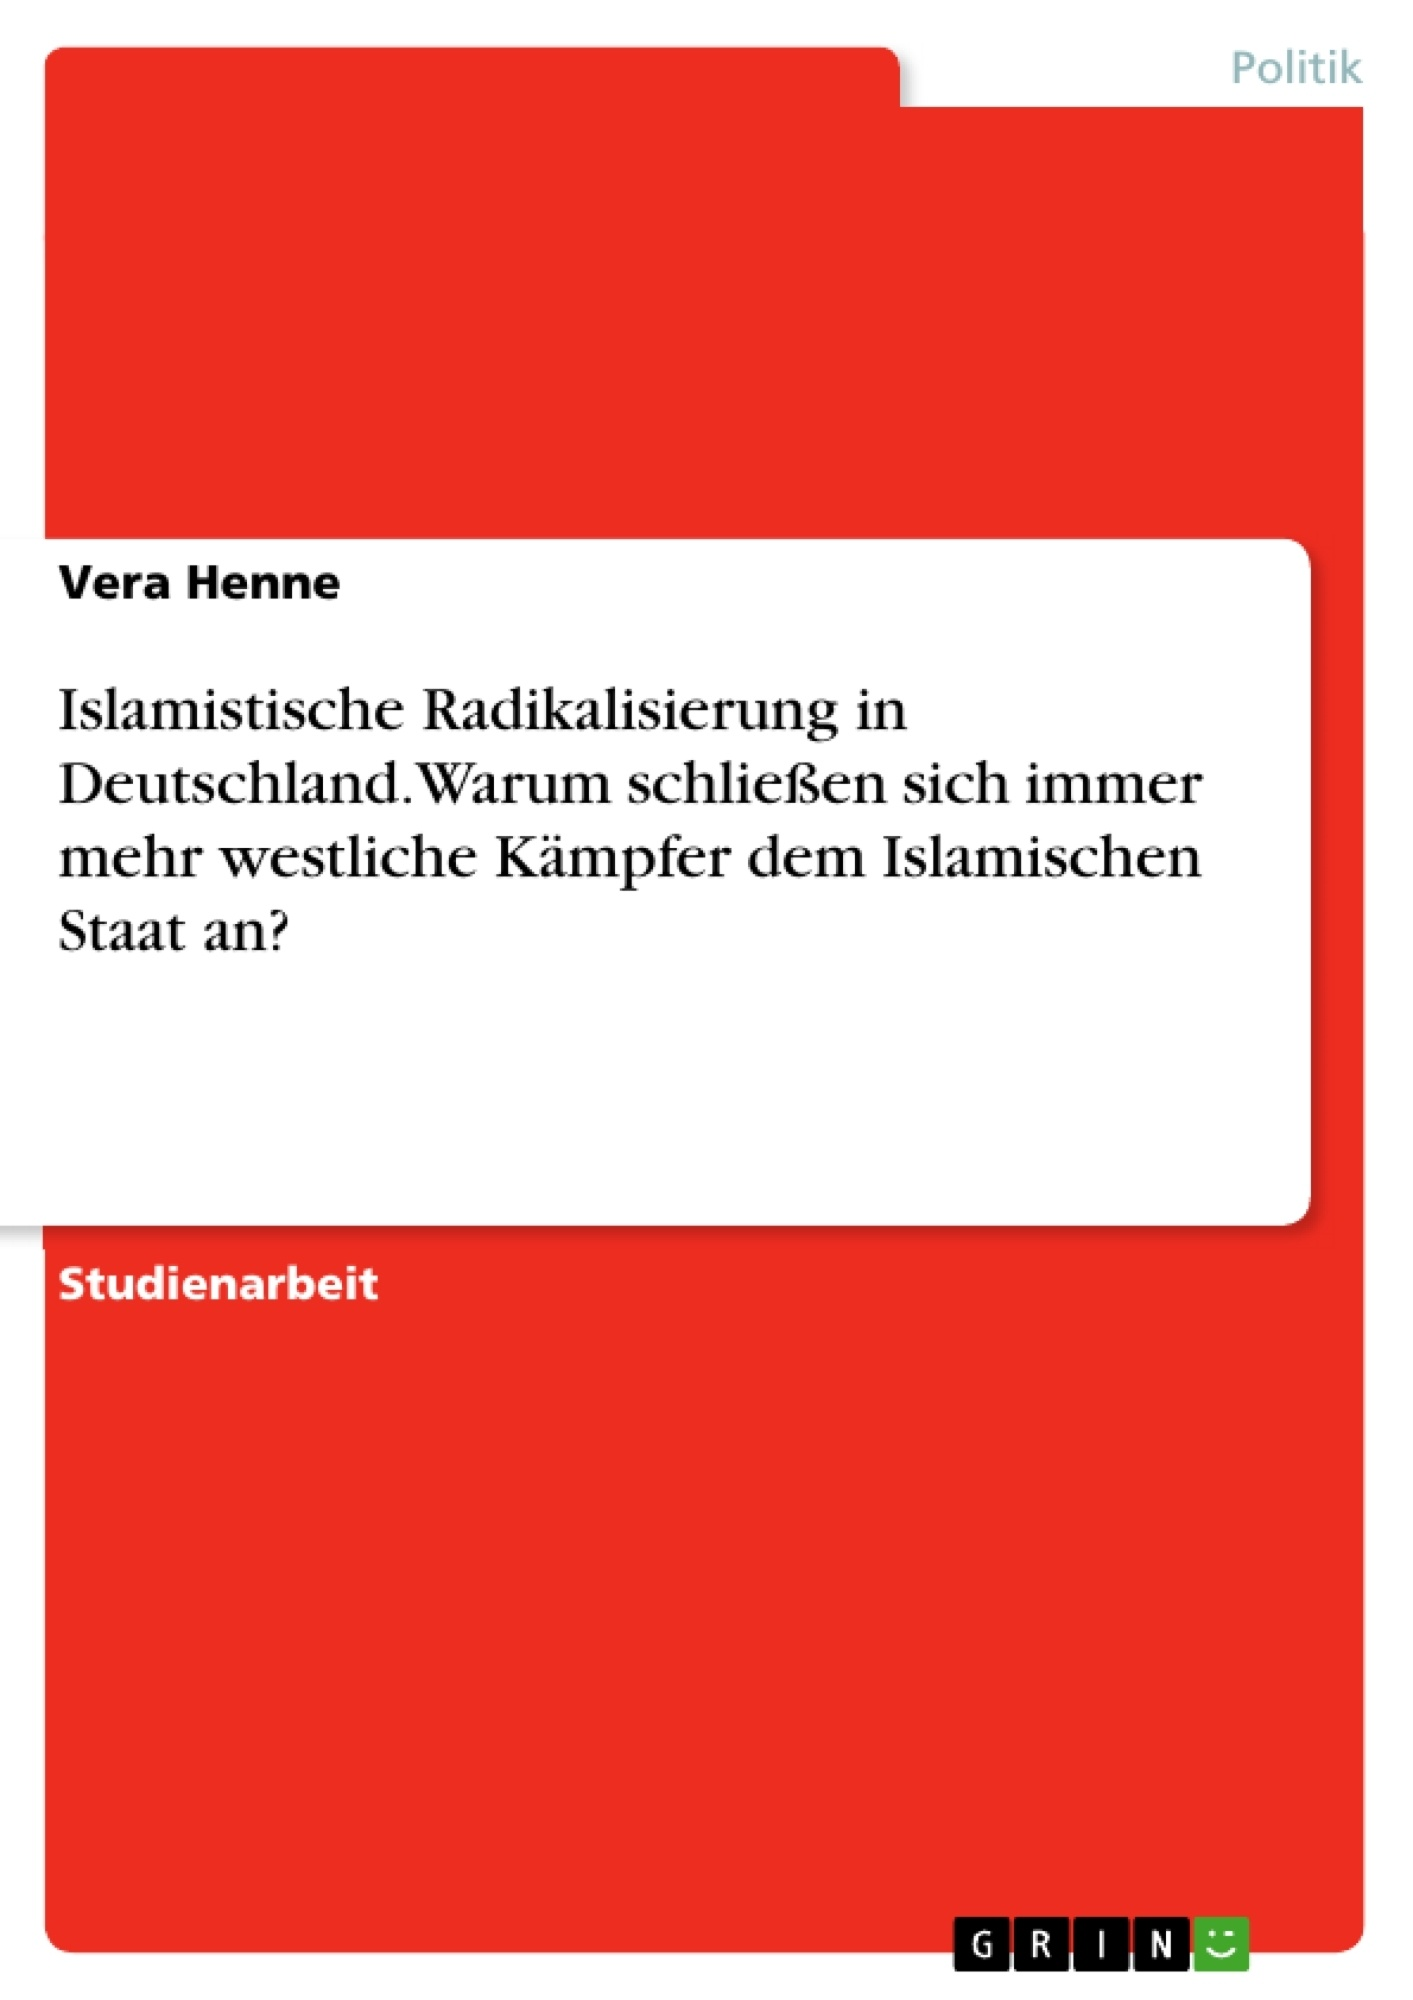 Titel: Islamistische Radikalisierung in Deutschland. Warum schließen sich immer mehr westliche Kämpfer dem Islamischen Staat an?